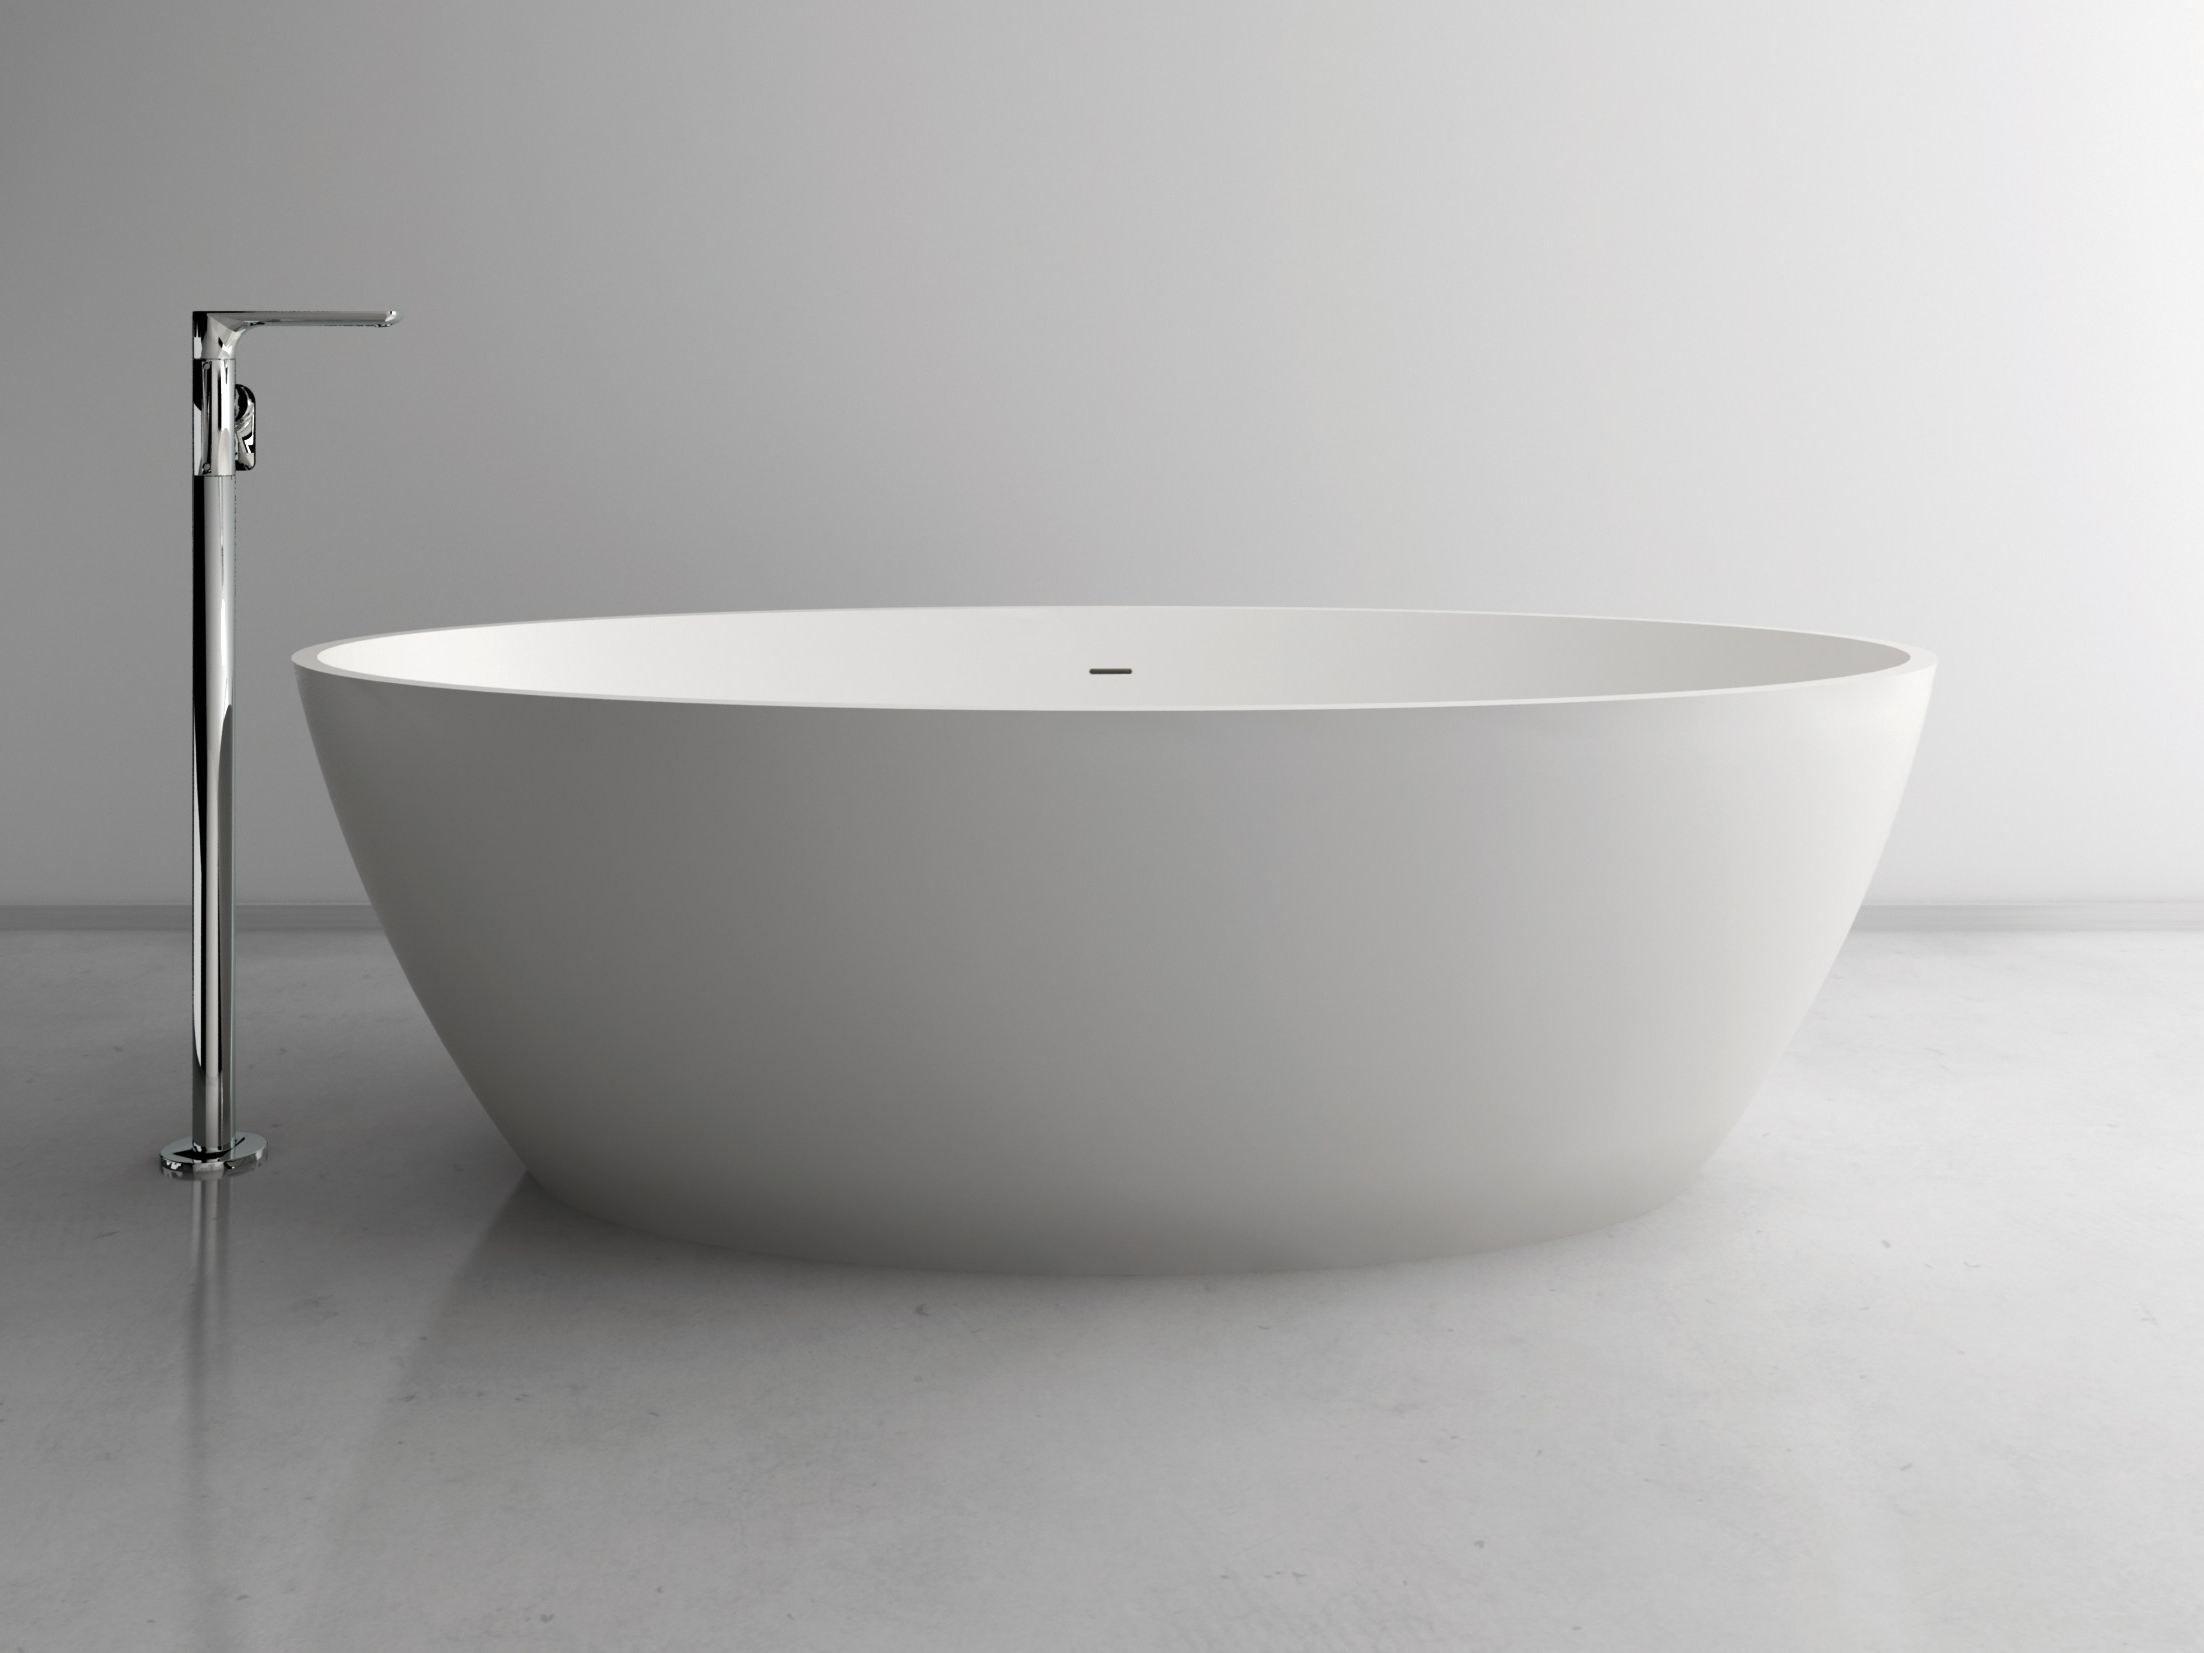 Vasca da bagno ovale prezzi idee creative su interni e - Vasca da bagno prezzi bassi ...